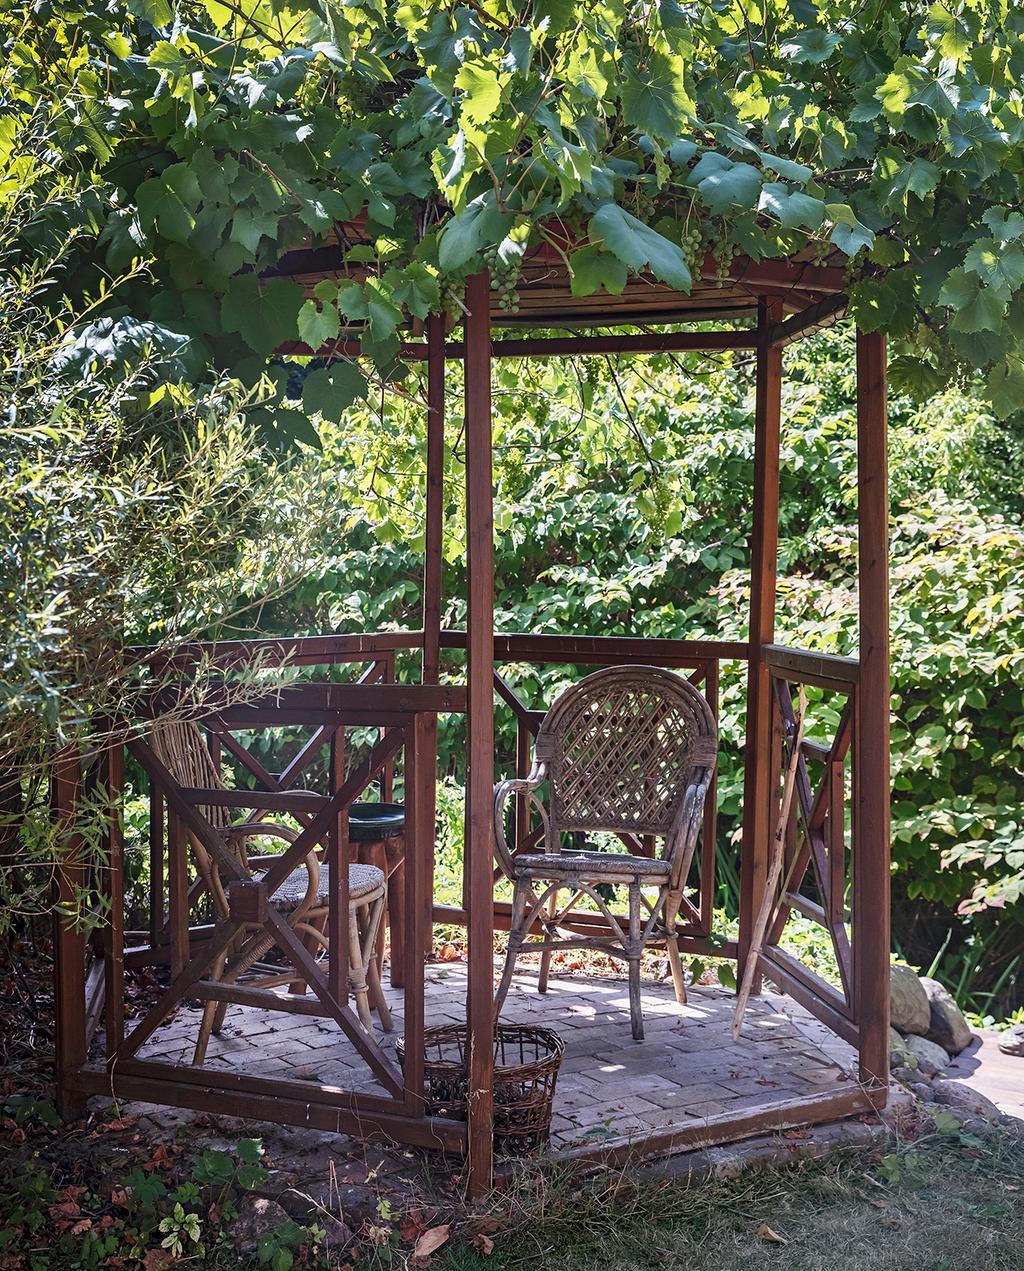 vtwonen tuin special 1-2020 | buiten overkapping met rieten stoeltjes